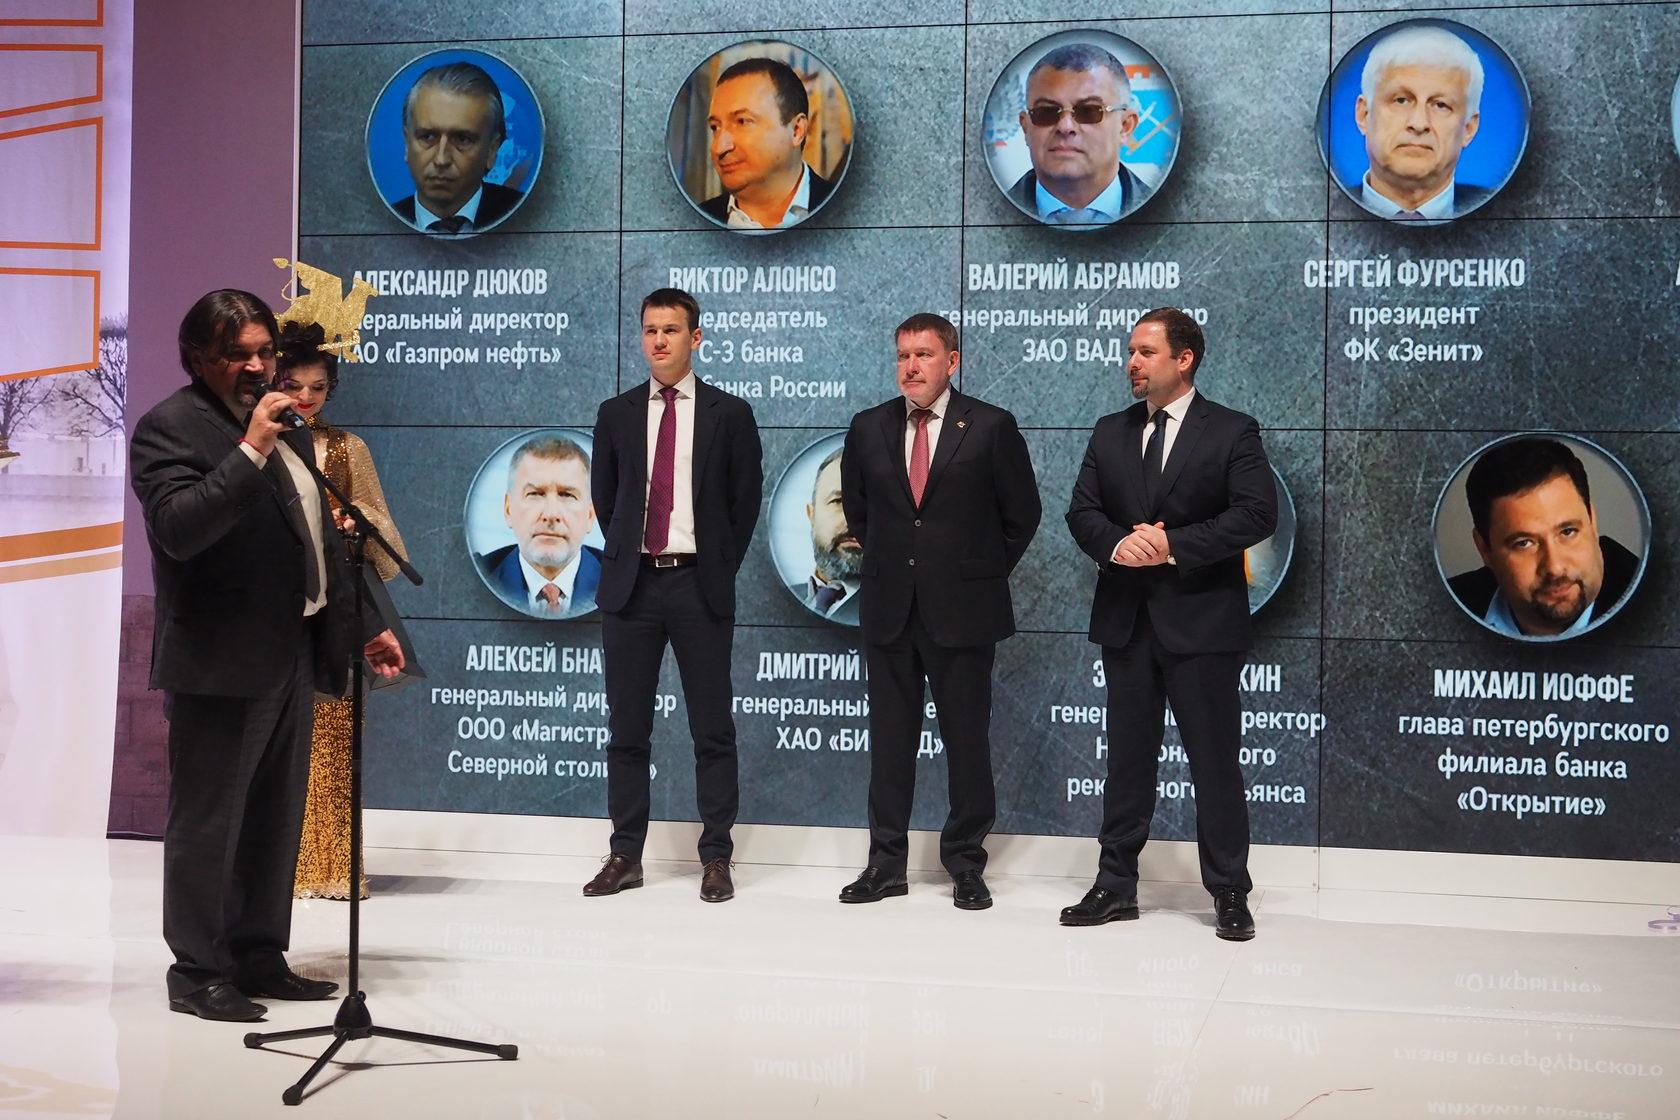 Награждение лидеров рейтинга в номинации «Самые влиятельные среди управляющих предприятий и организаций Петербурга»